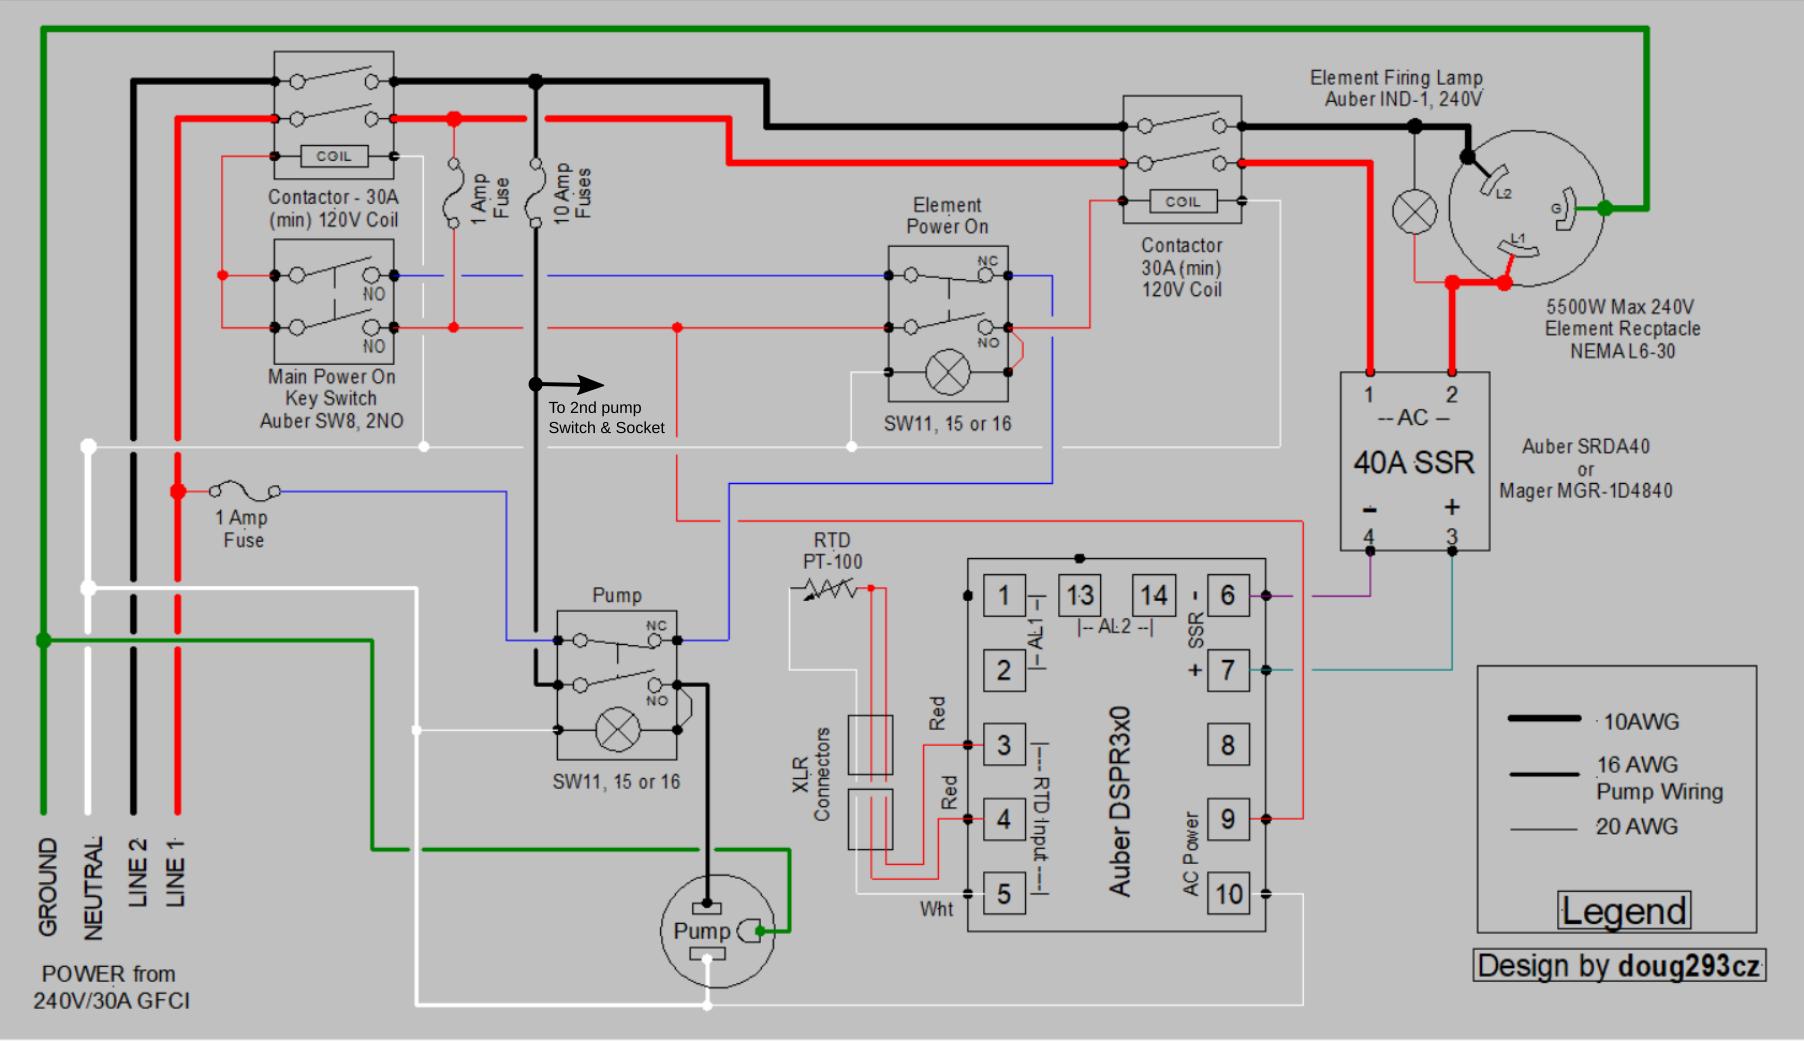 DSPR300 2-Pump 1-Element 240V rev-2.PNG